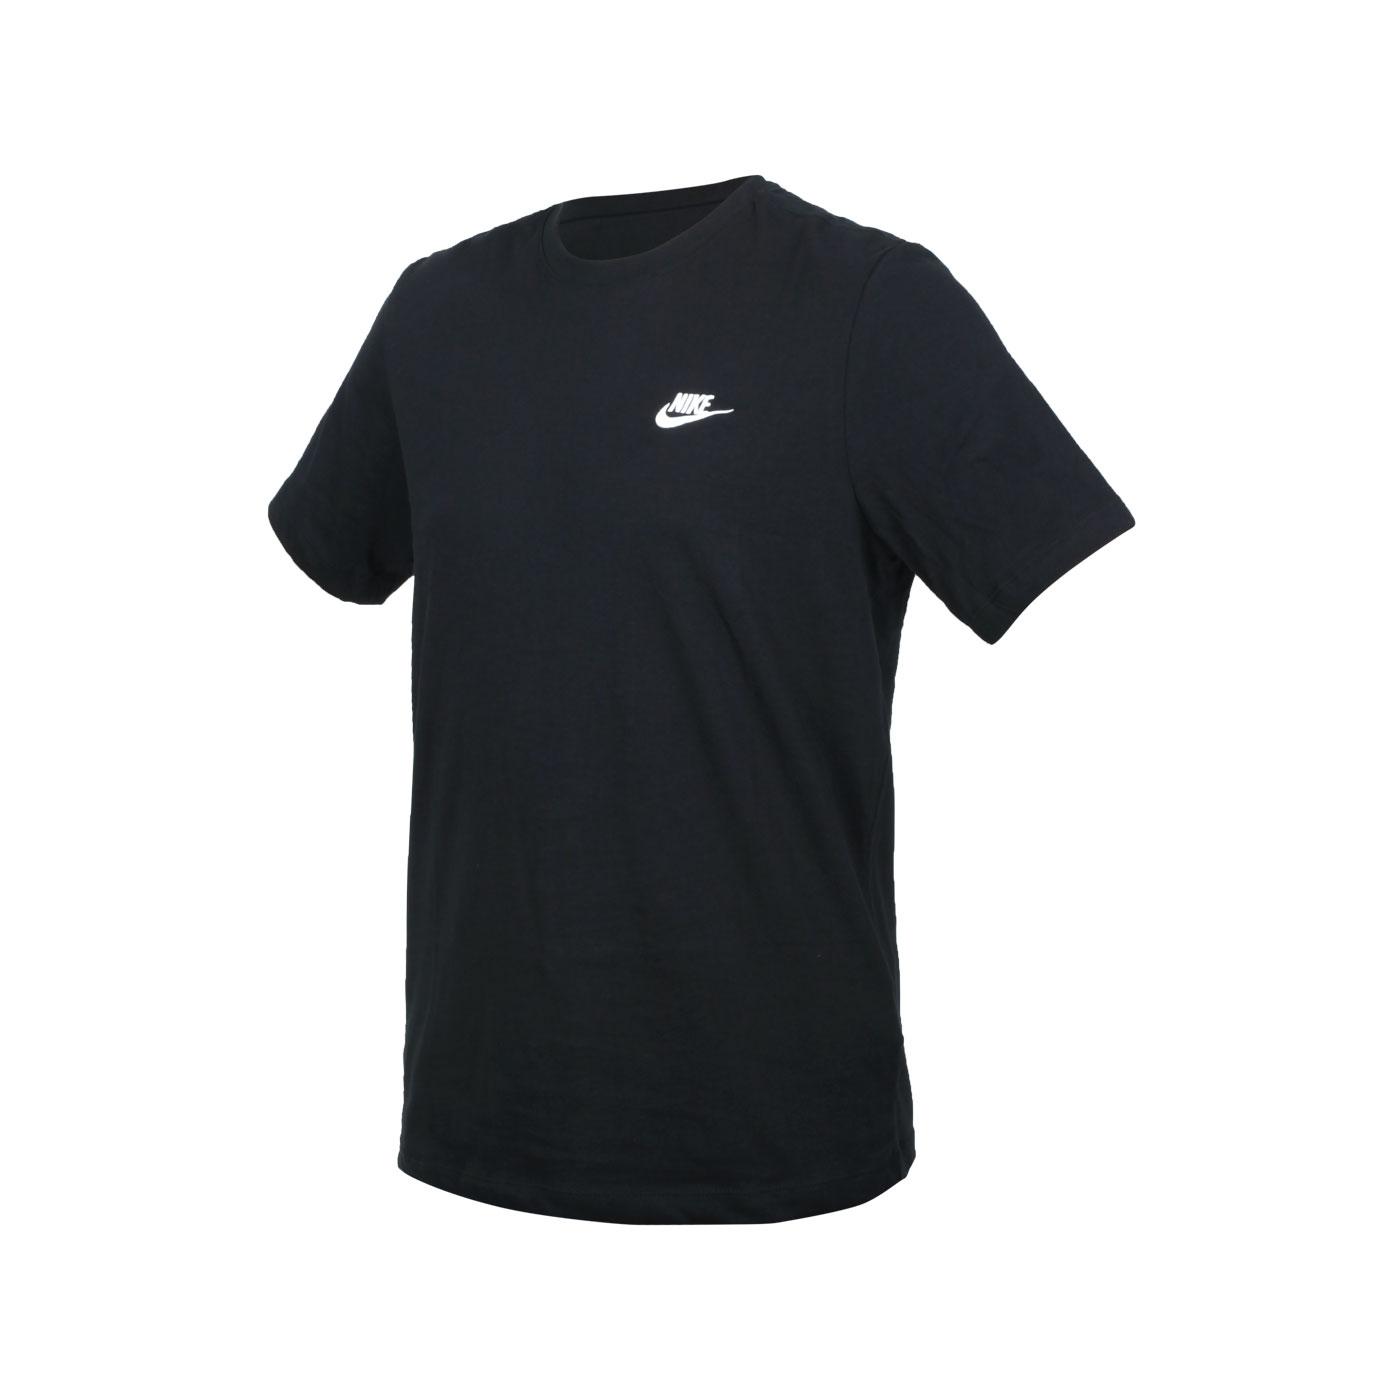 NIKE 男女款短袖T恤 AR4999-013